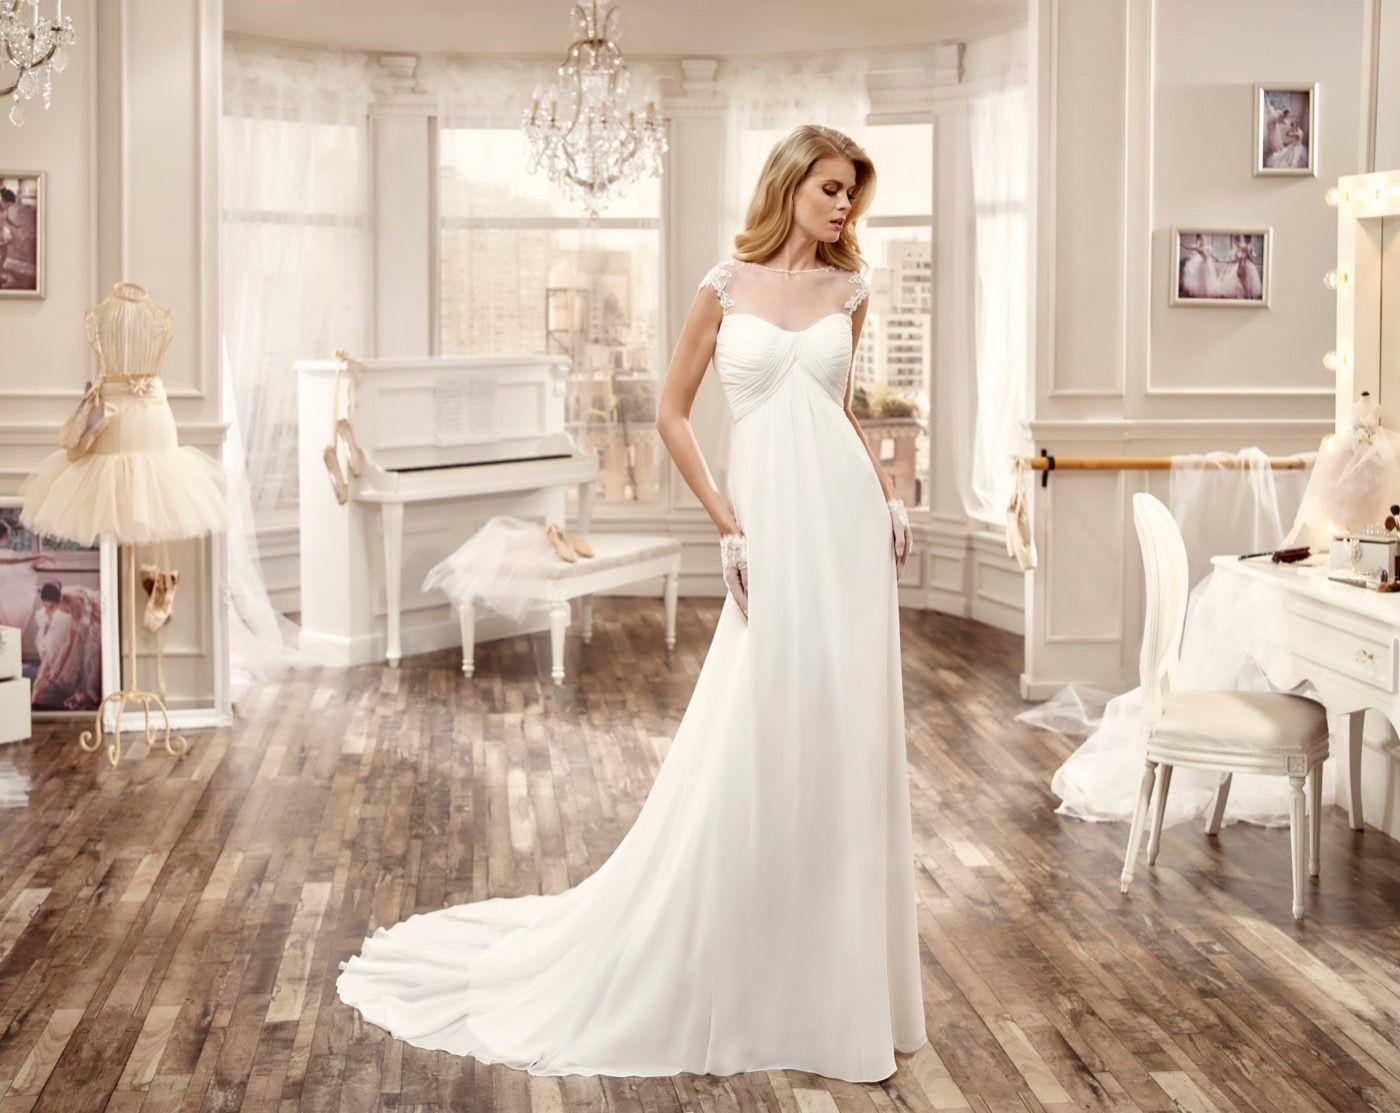 b3797252b44c  wedding  weddingdress  2016  collection  bride  bridal  brides  fashion